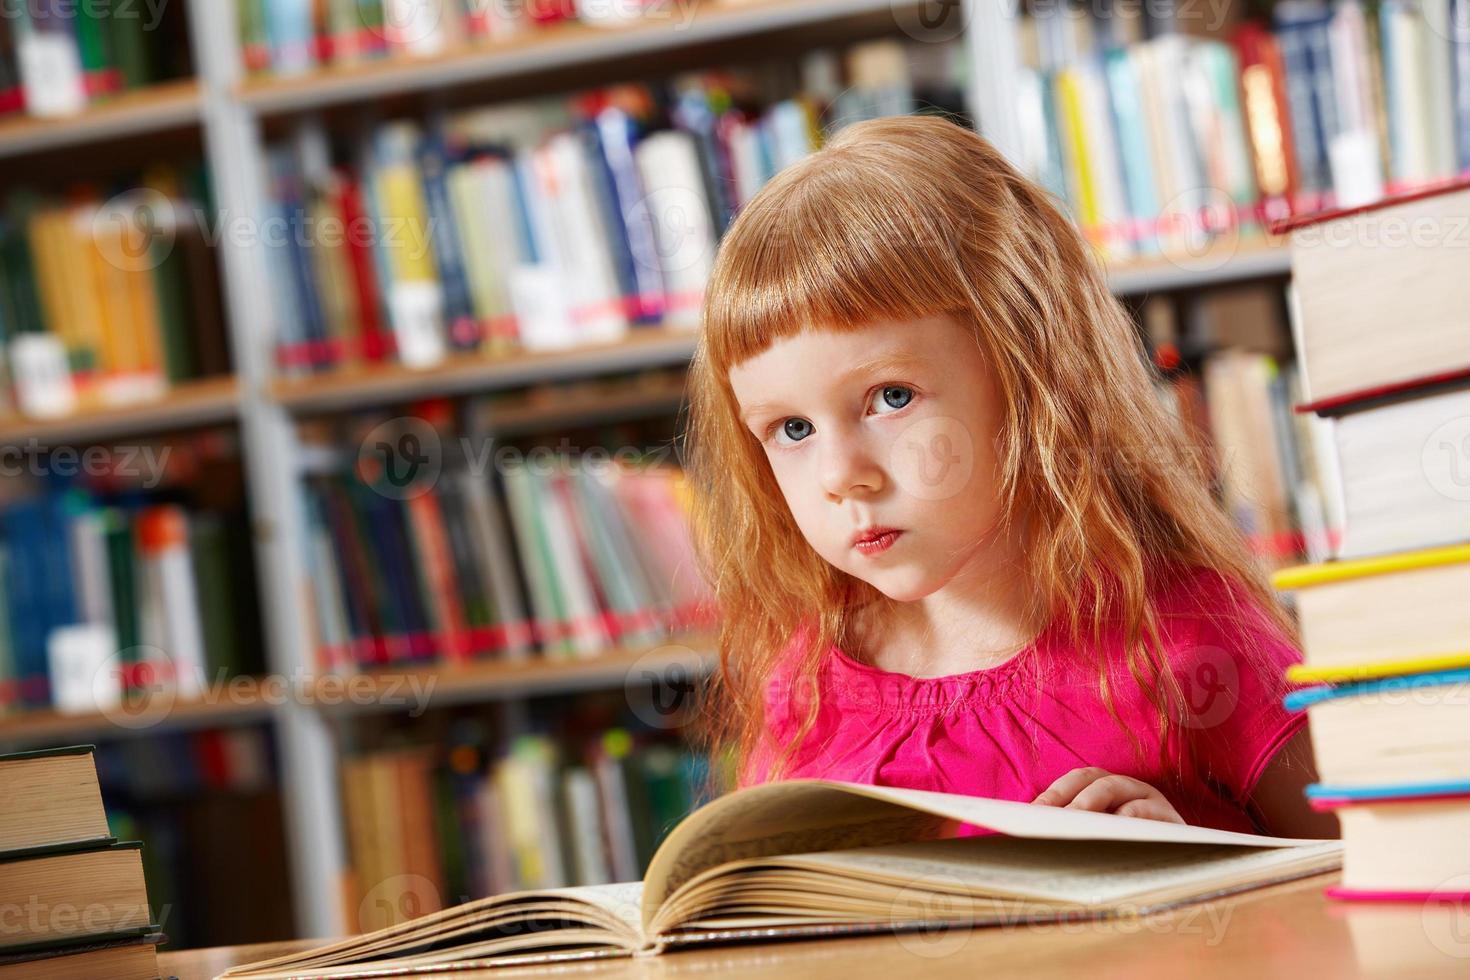 frequentatore della biblioteca foto